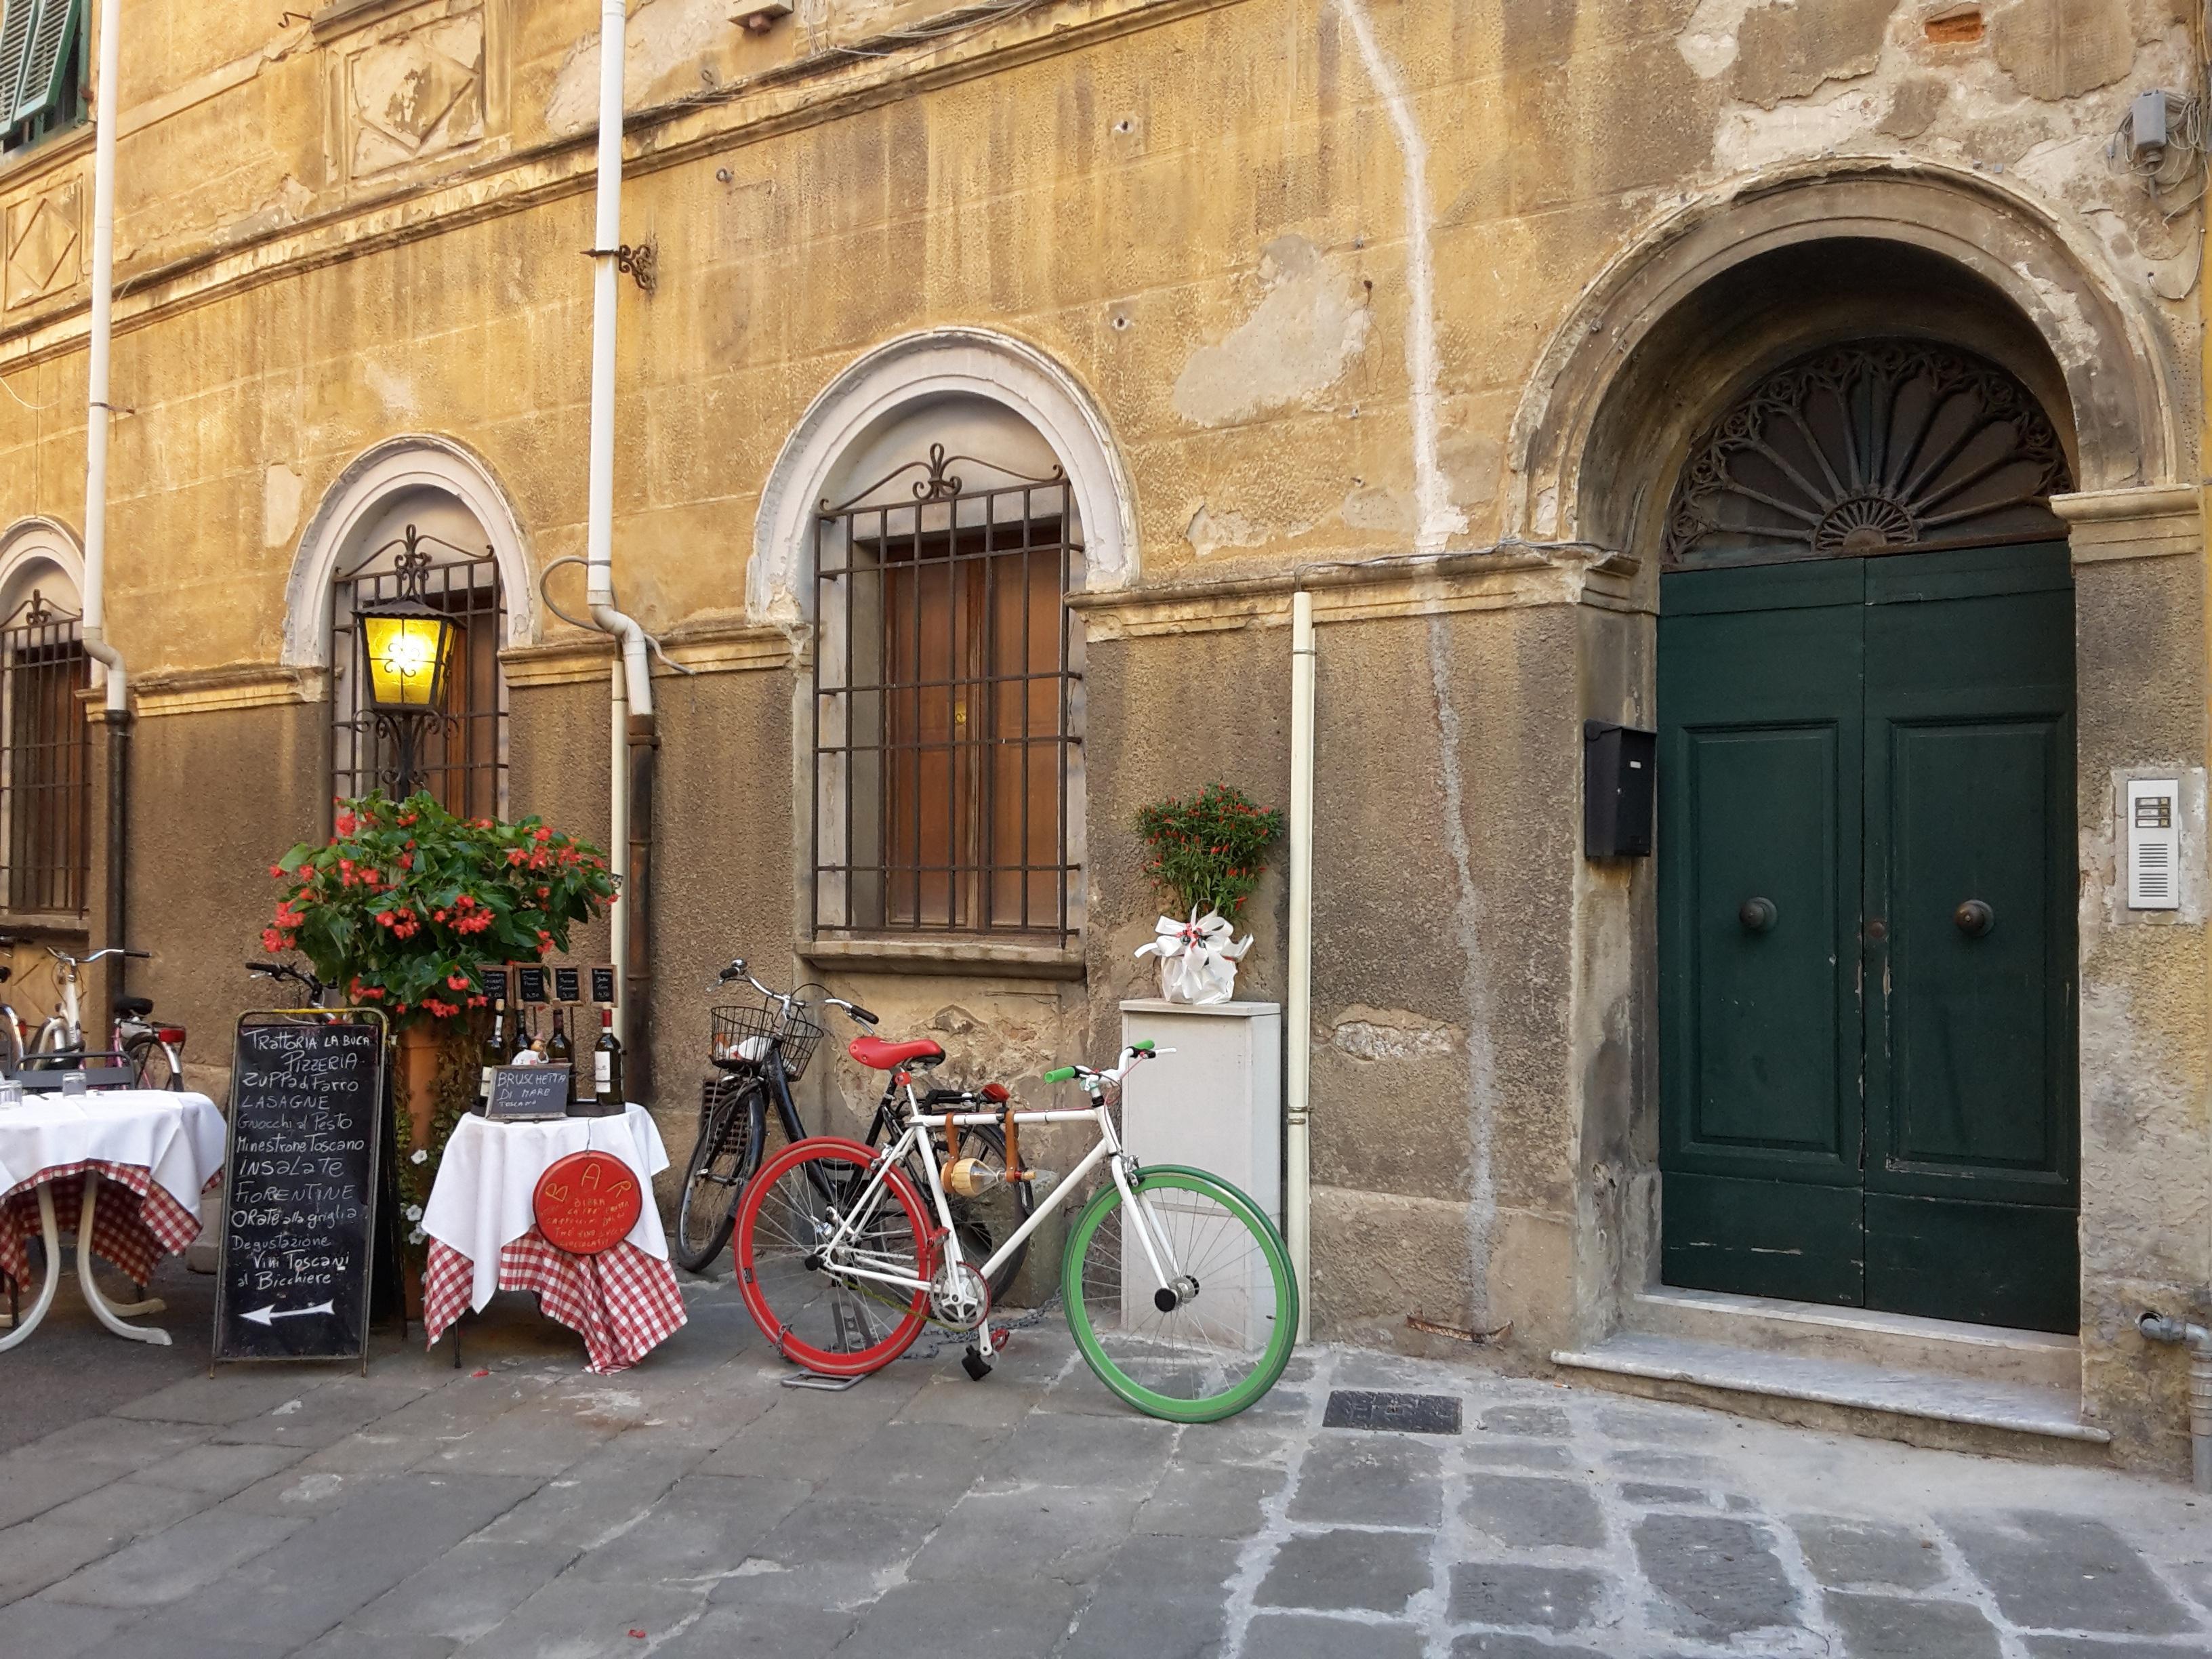 Images gratuites caf architecture route rue ville - Restaurant porte d italie sarreguemines ...